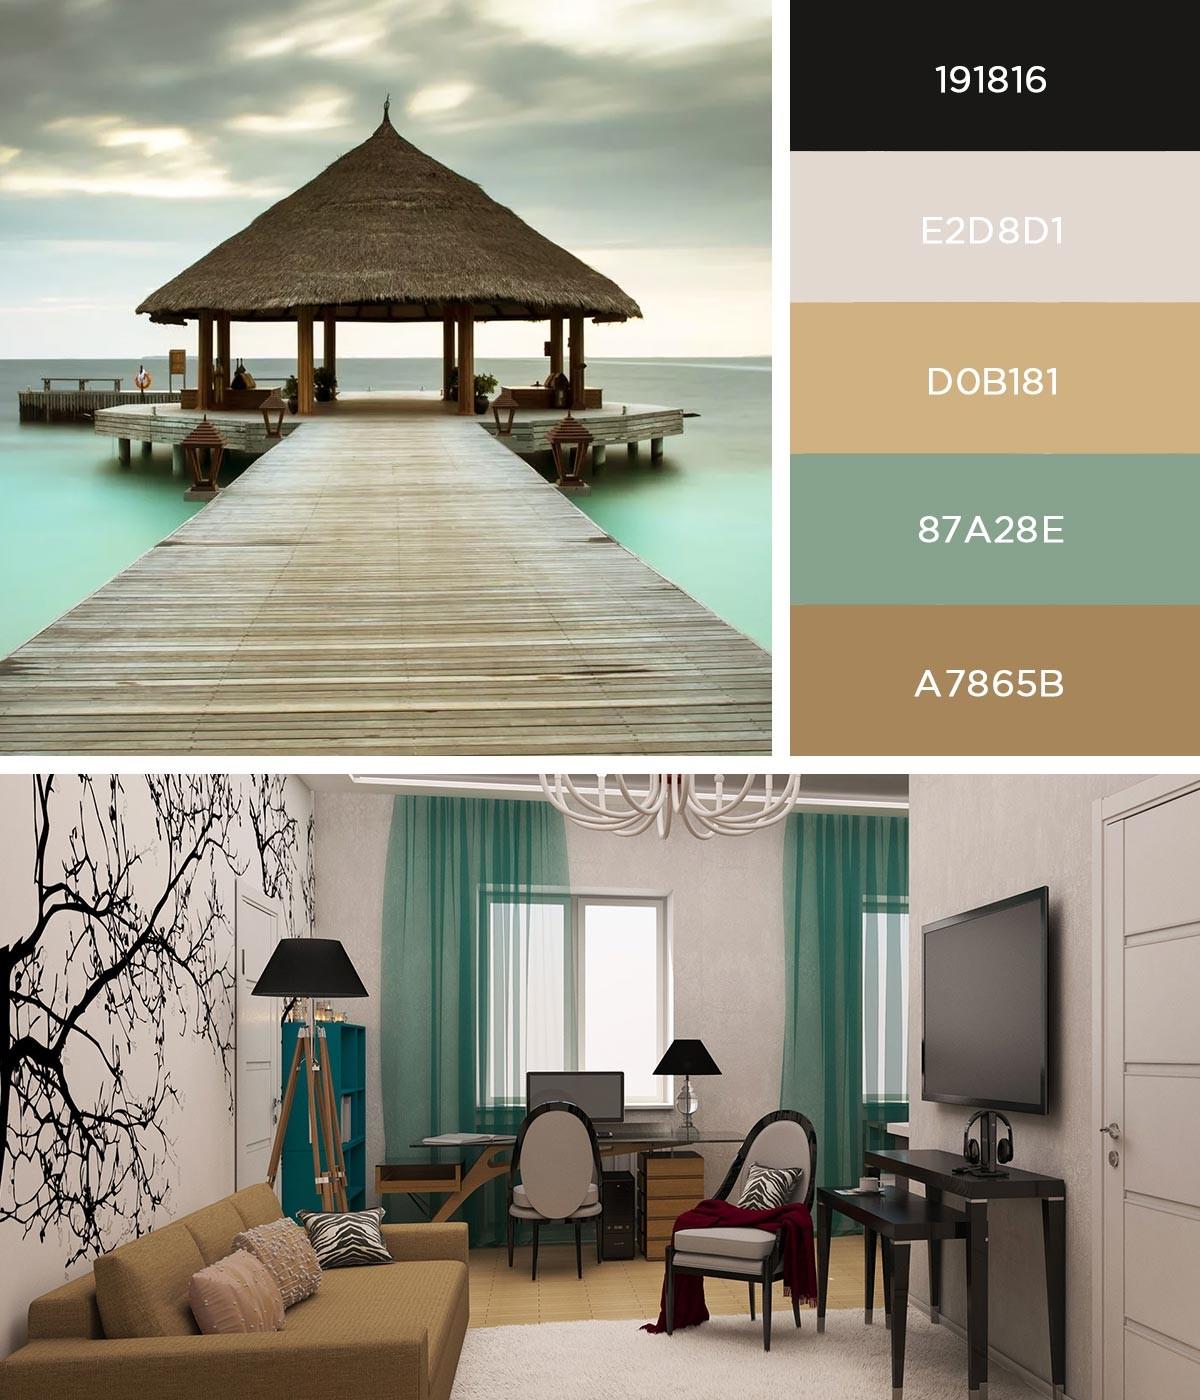 Интерьер гостиной в светлых тонах с морскими акцентами